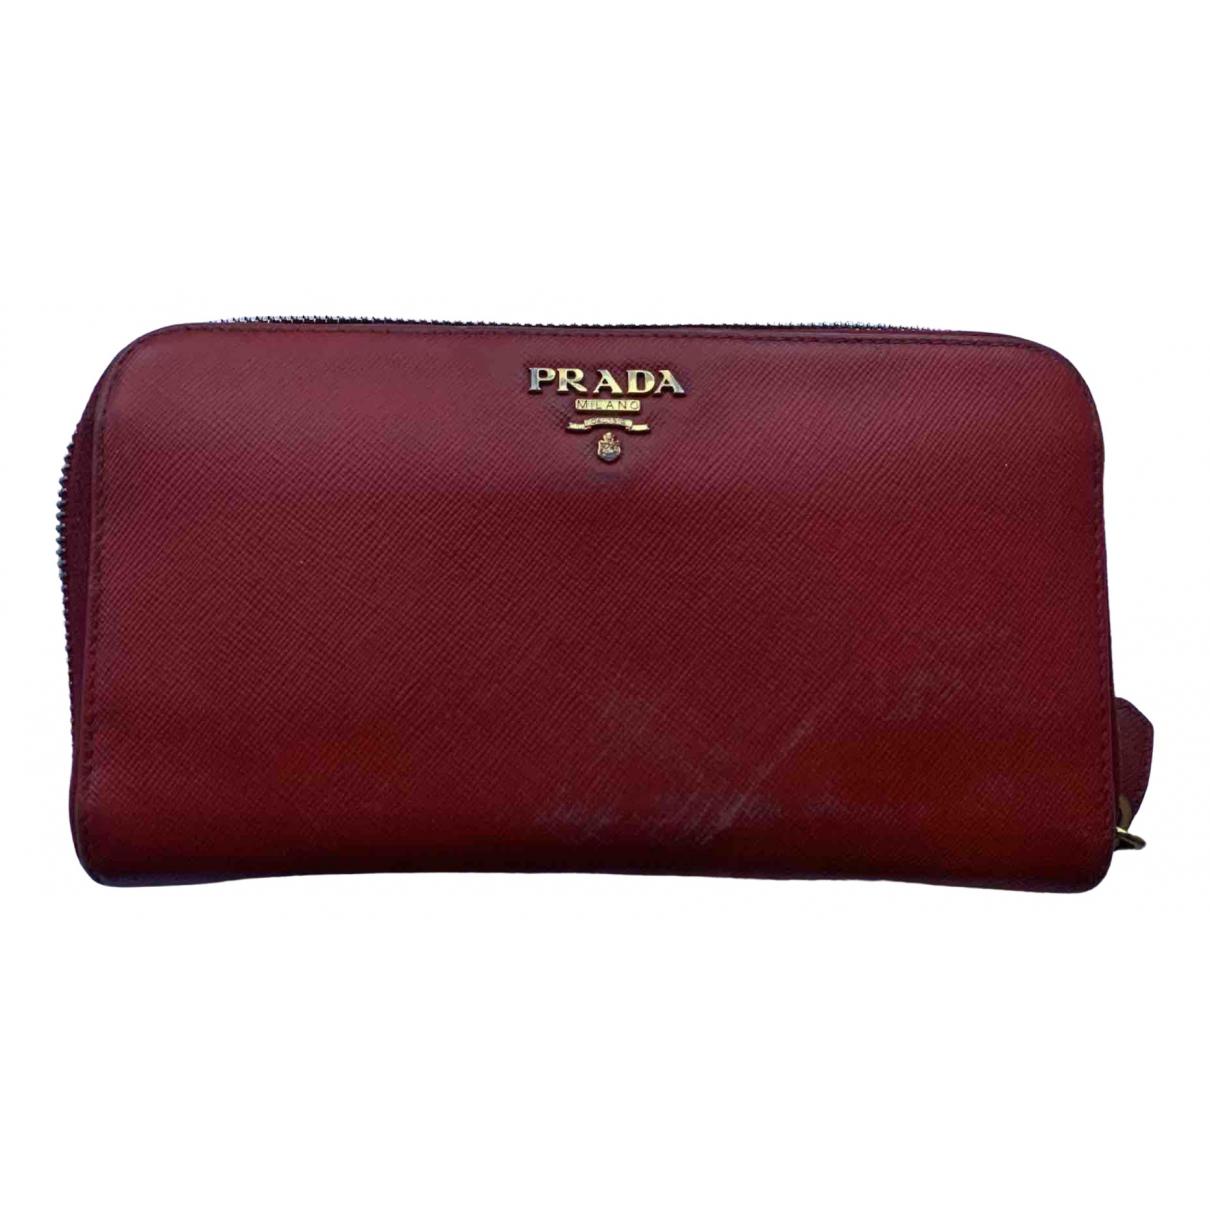 Prada N Red Leather wallet for Women N